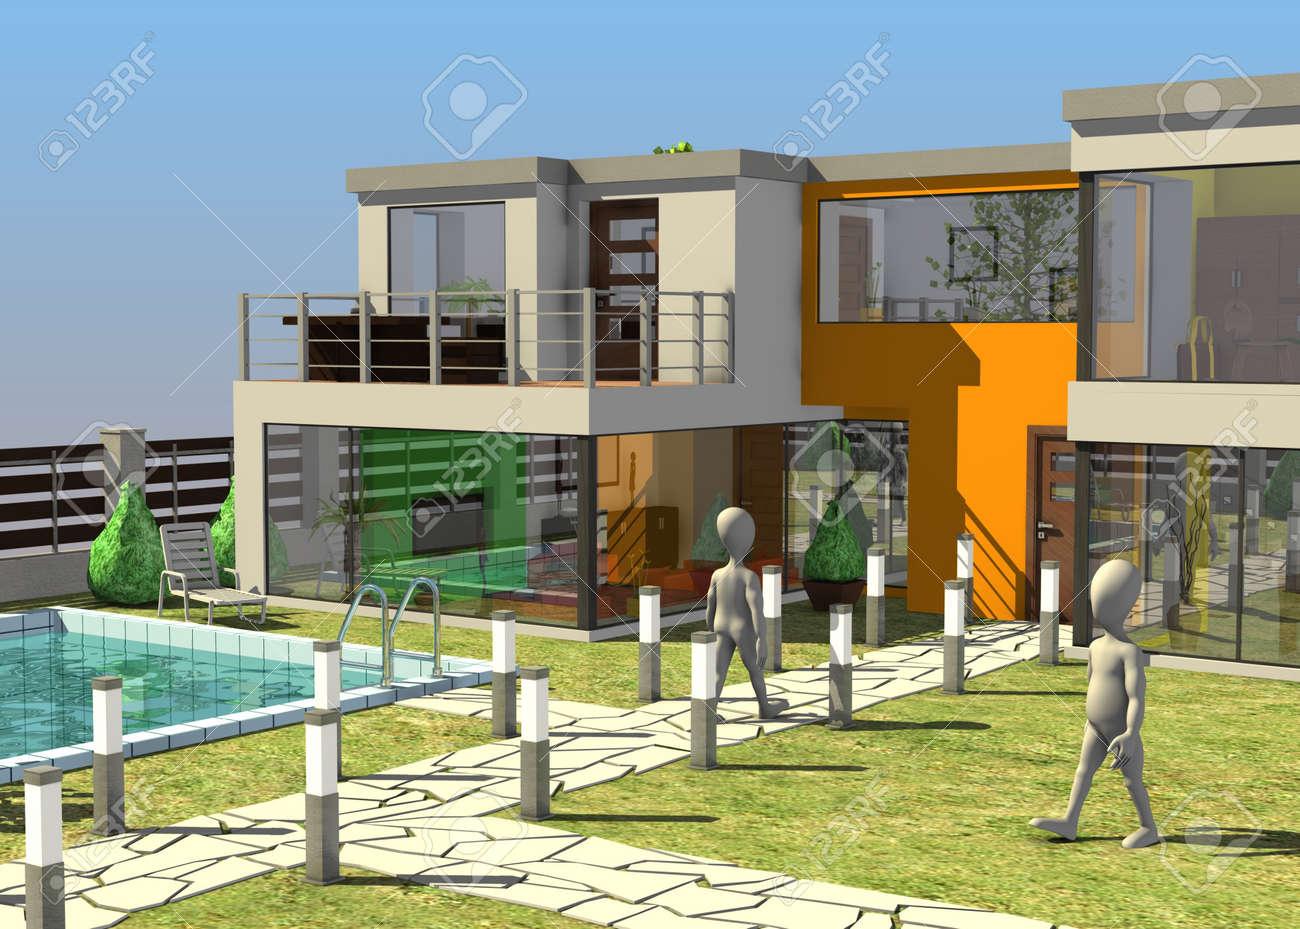 banque dimages rendu 3d de personnage de dessin anim avec la maison moderne - Maison Moderne Dessin